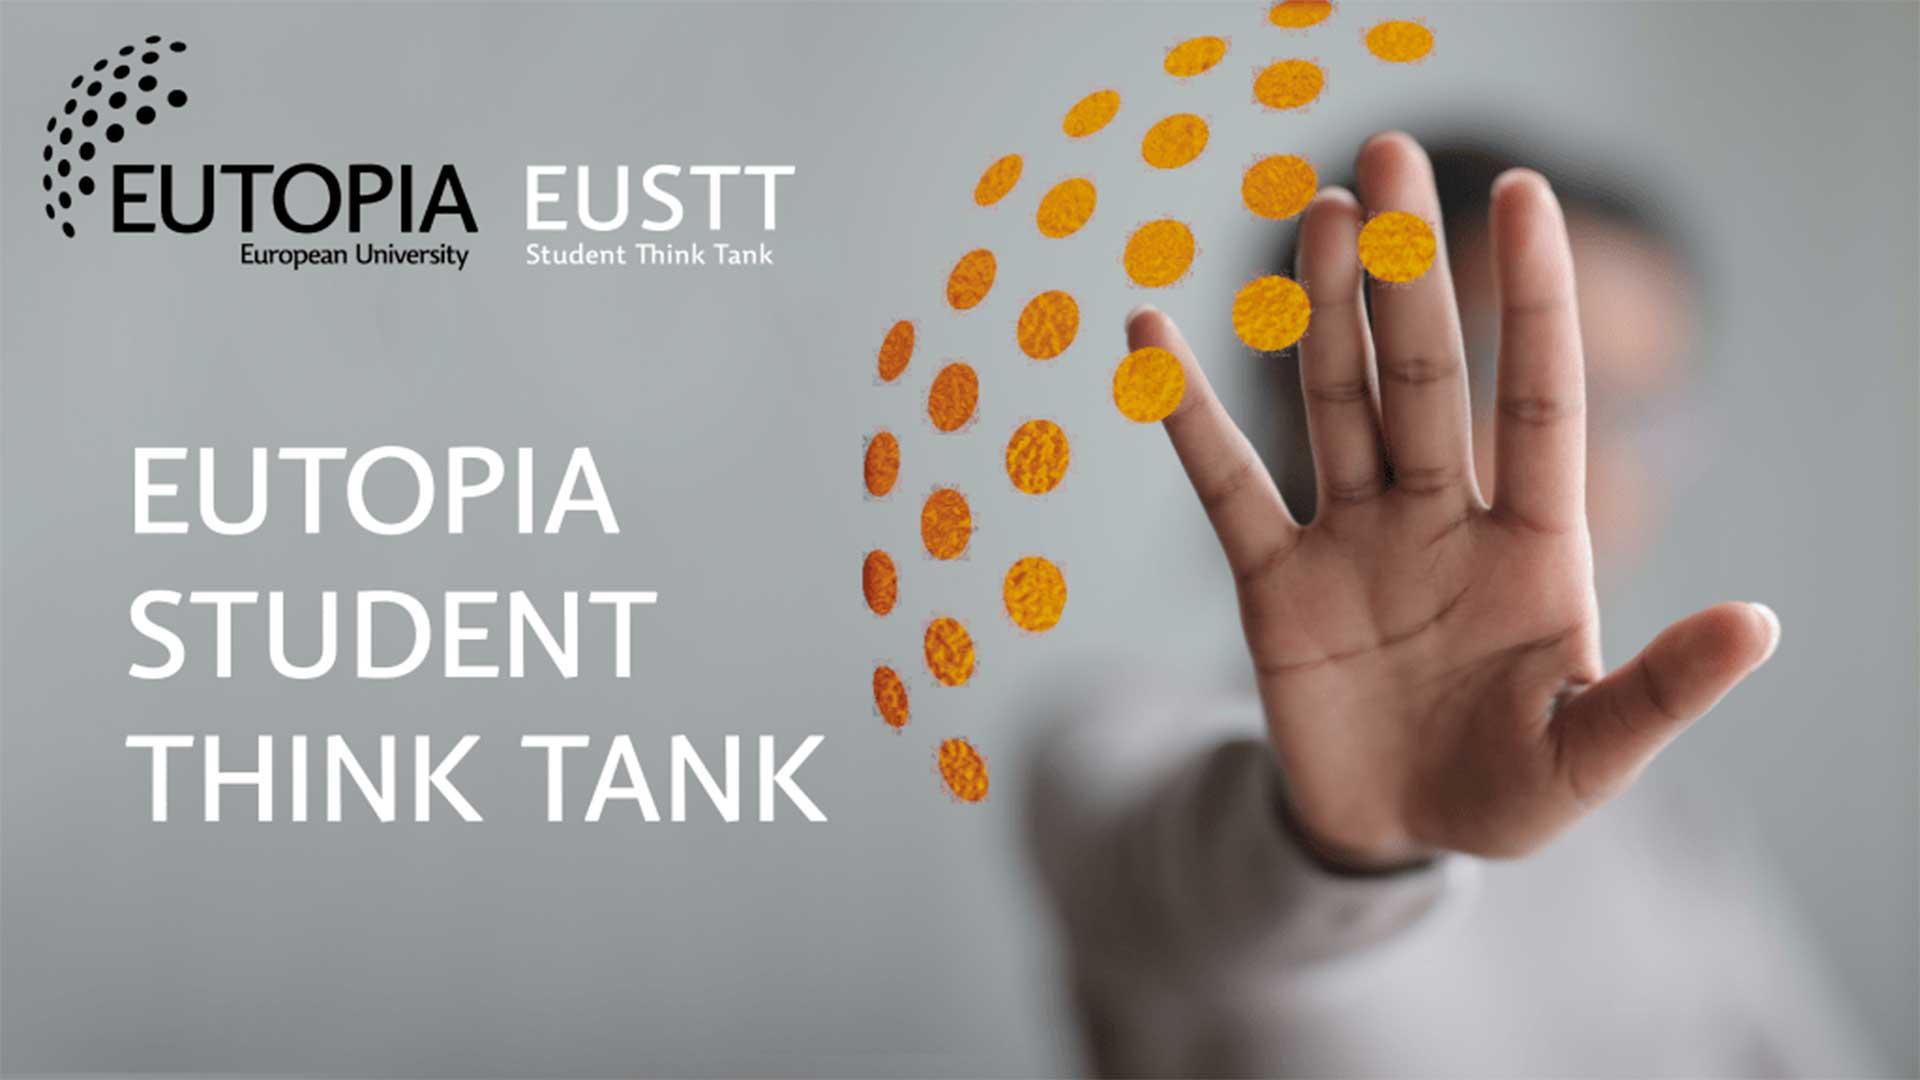 EUTOPIA Student Think Tank